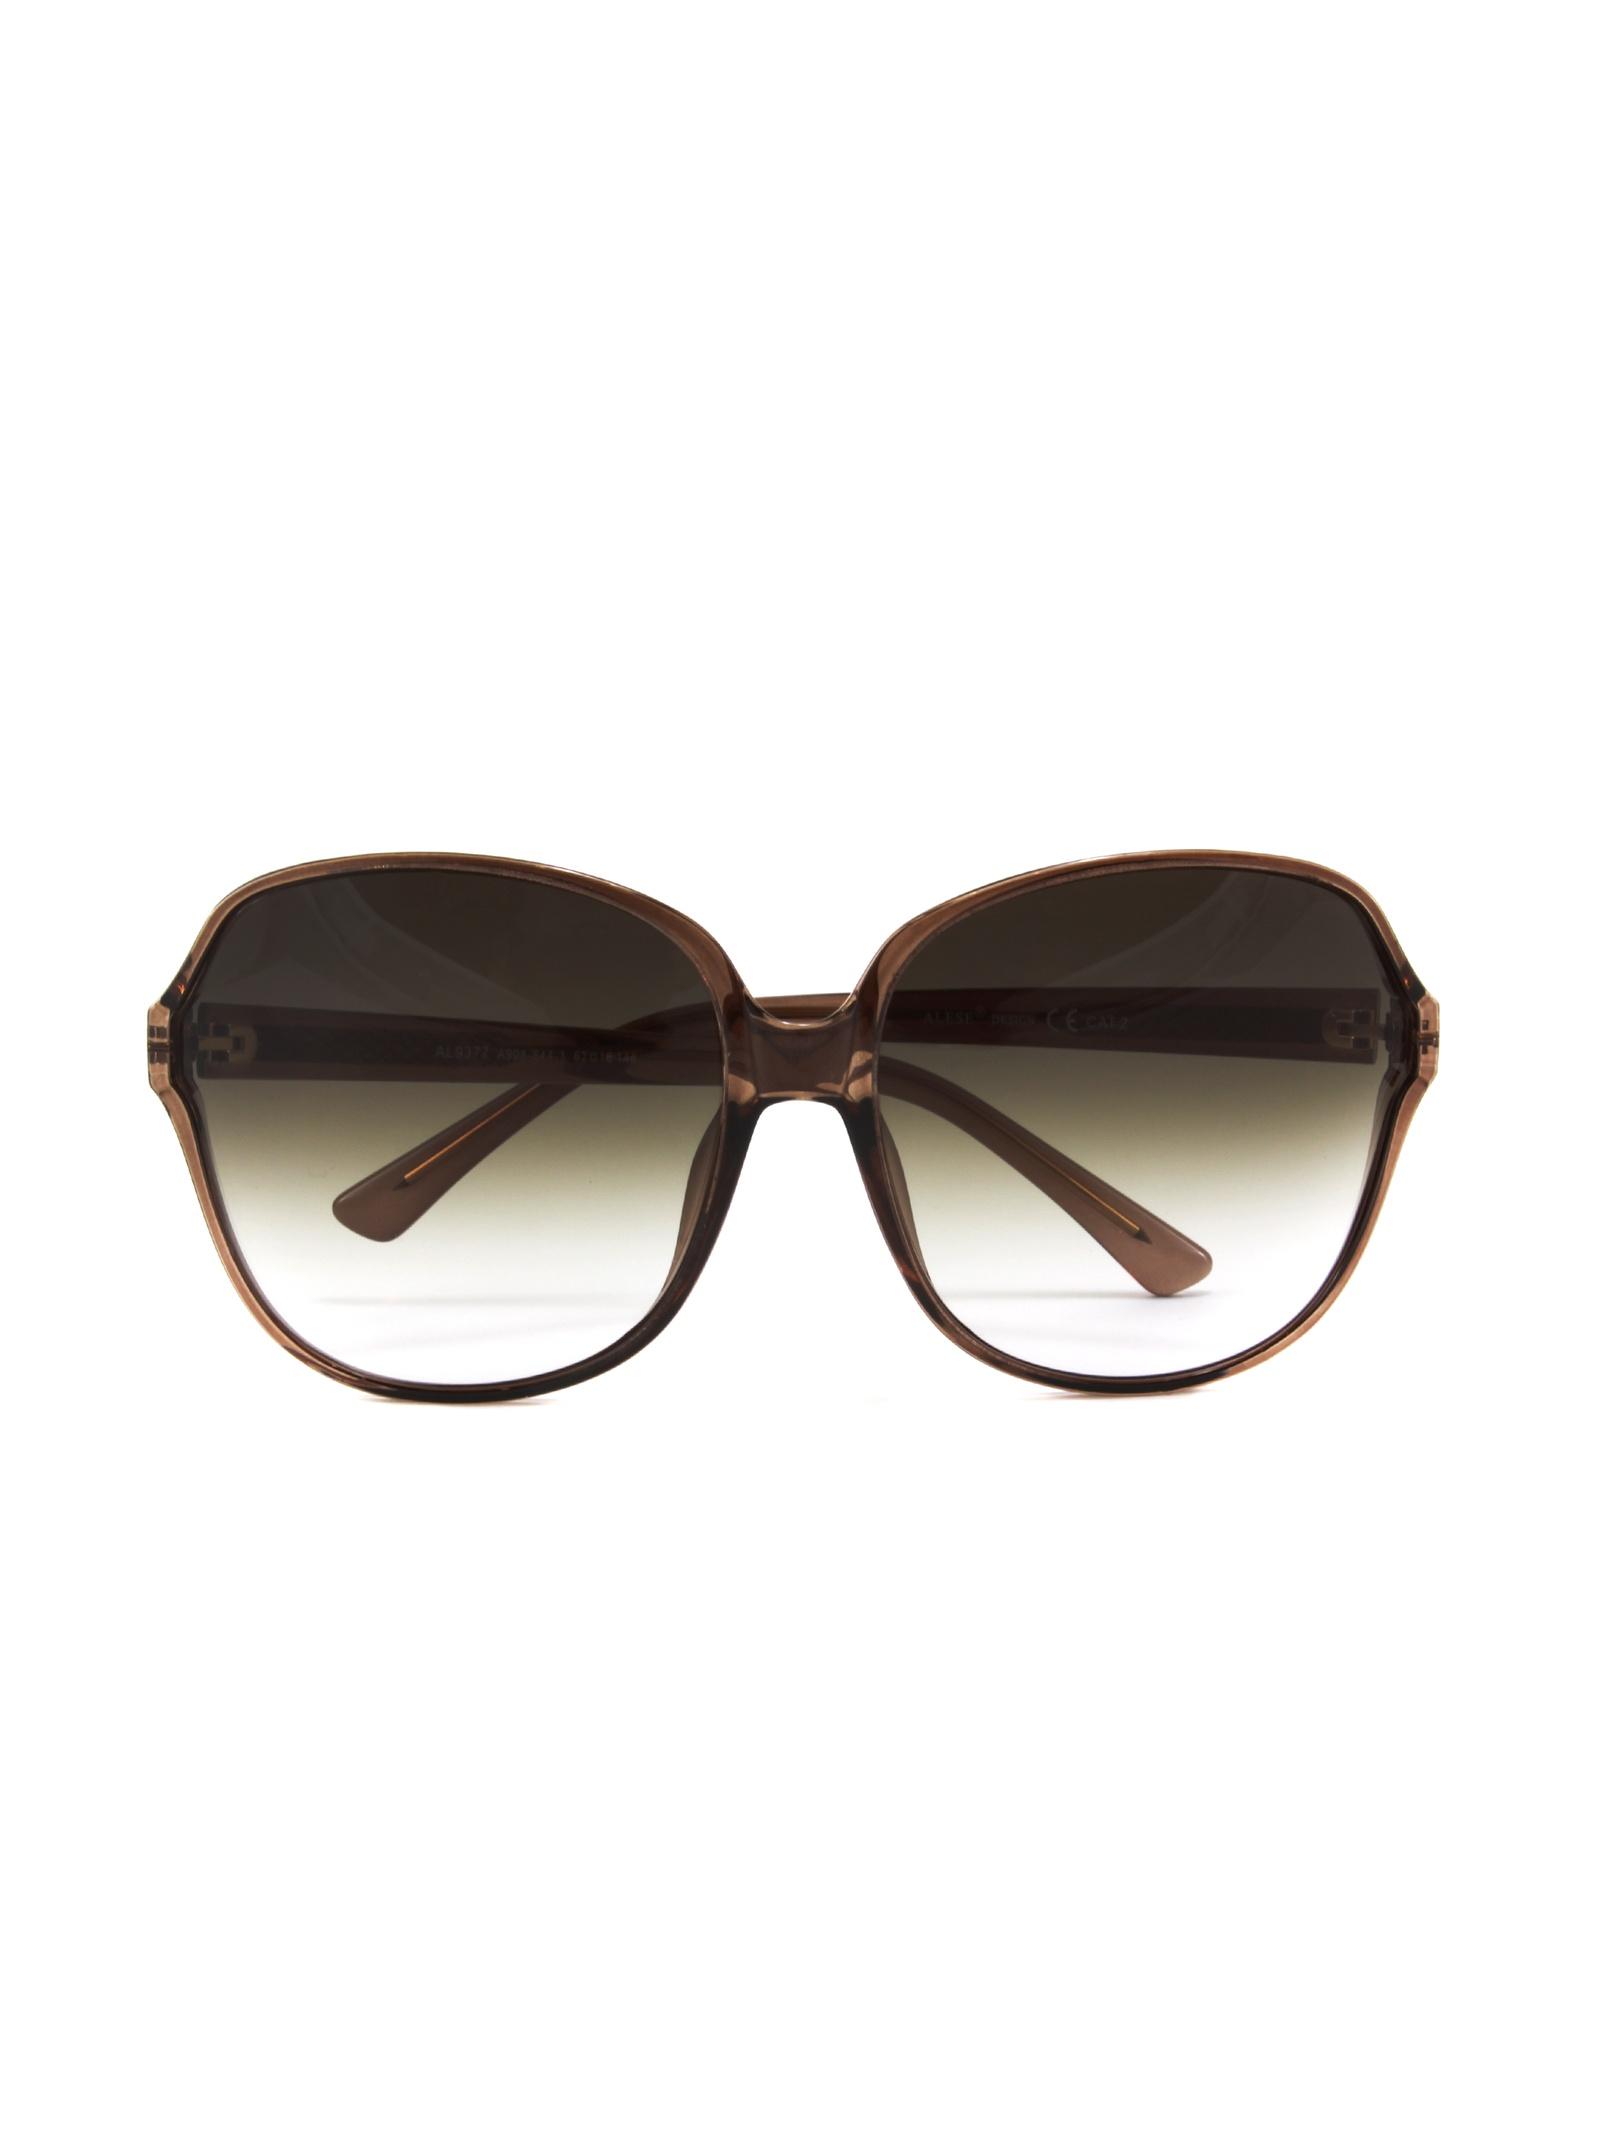 Очки солнцезащитные Alese AL9377/A908-644-1, темно-коричневыйAL9377/A908-644-1